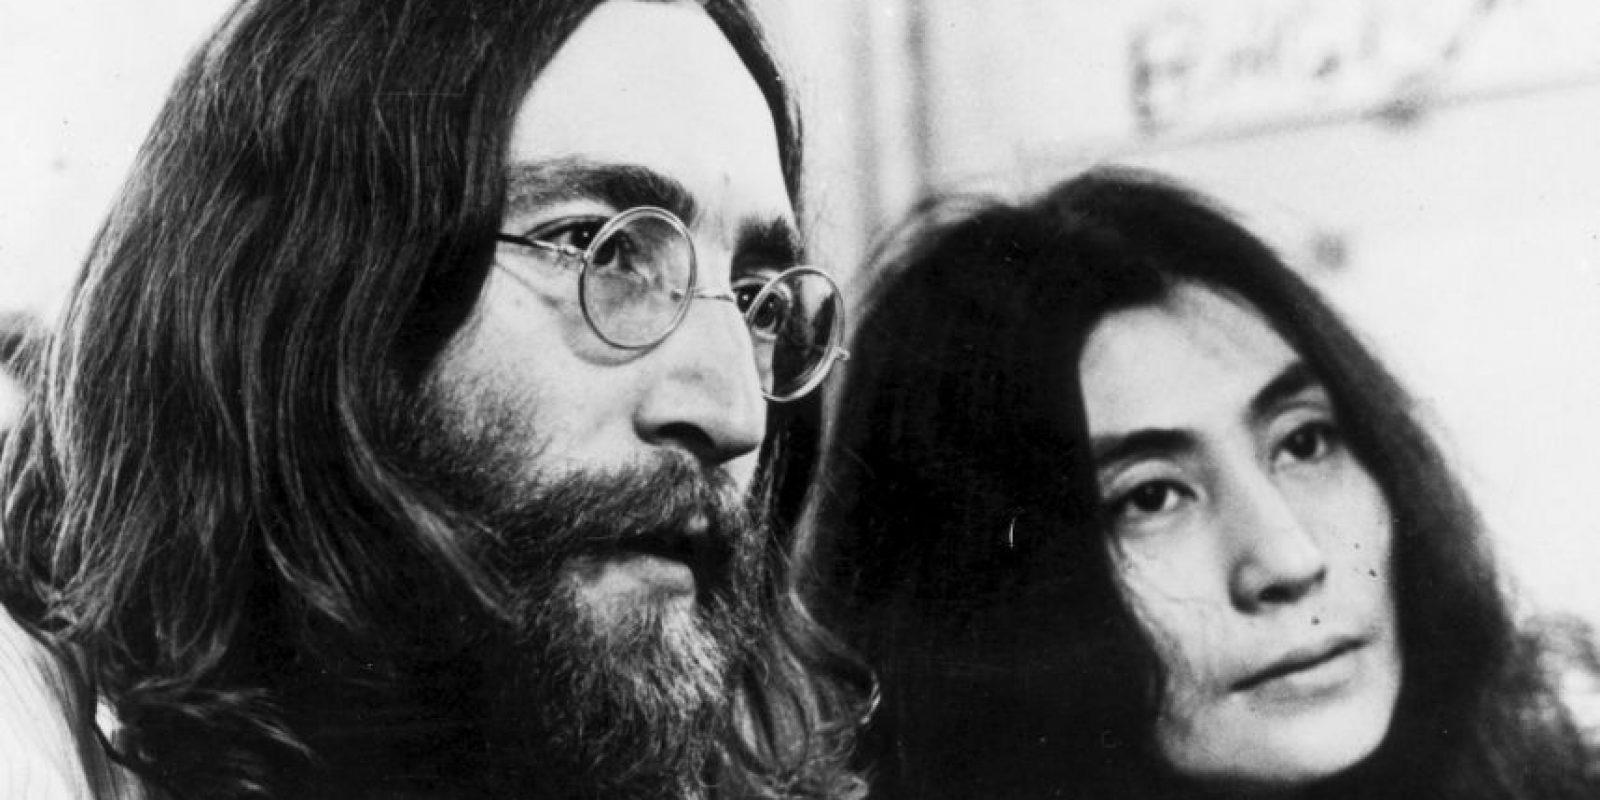 John Lennon afirmó haber visto un OVNI en 1974, cuando estaba con su amante May Pang. Según el mago Uri Geller, el cantante también vio aliens en su apartamento y estos le mostraron toda su vida. Foto:Getty Images